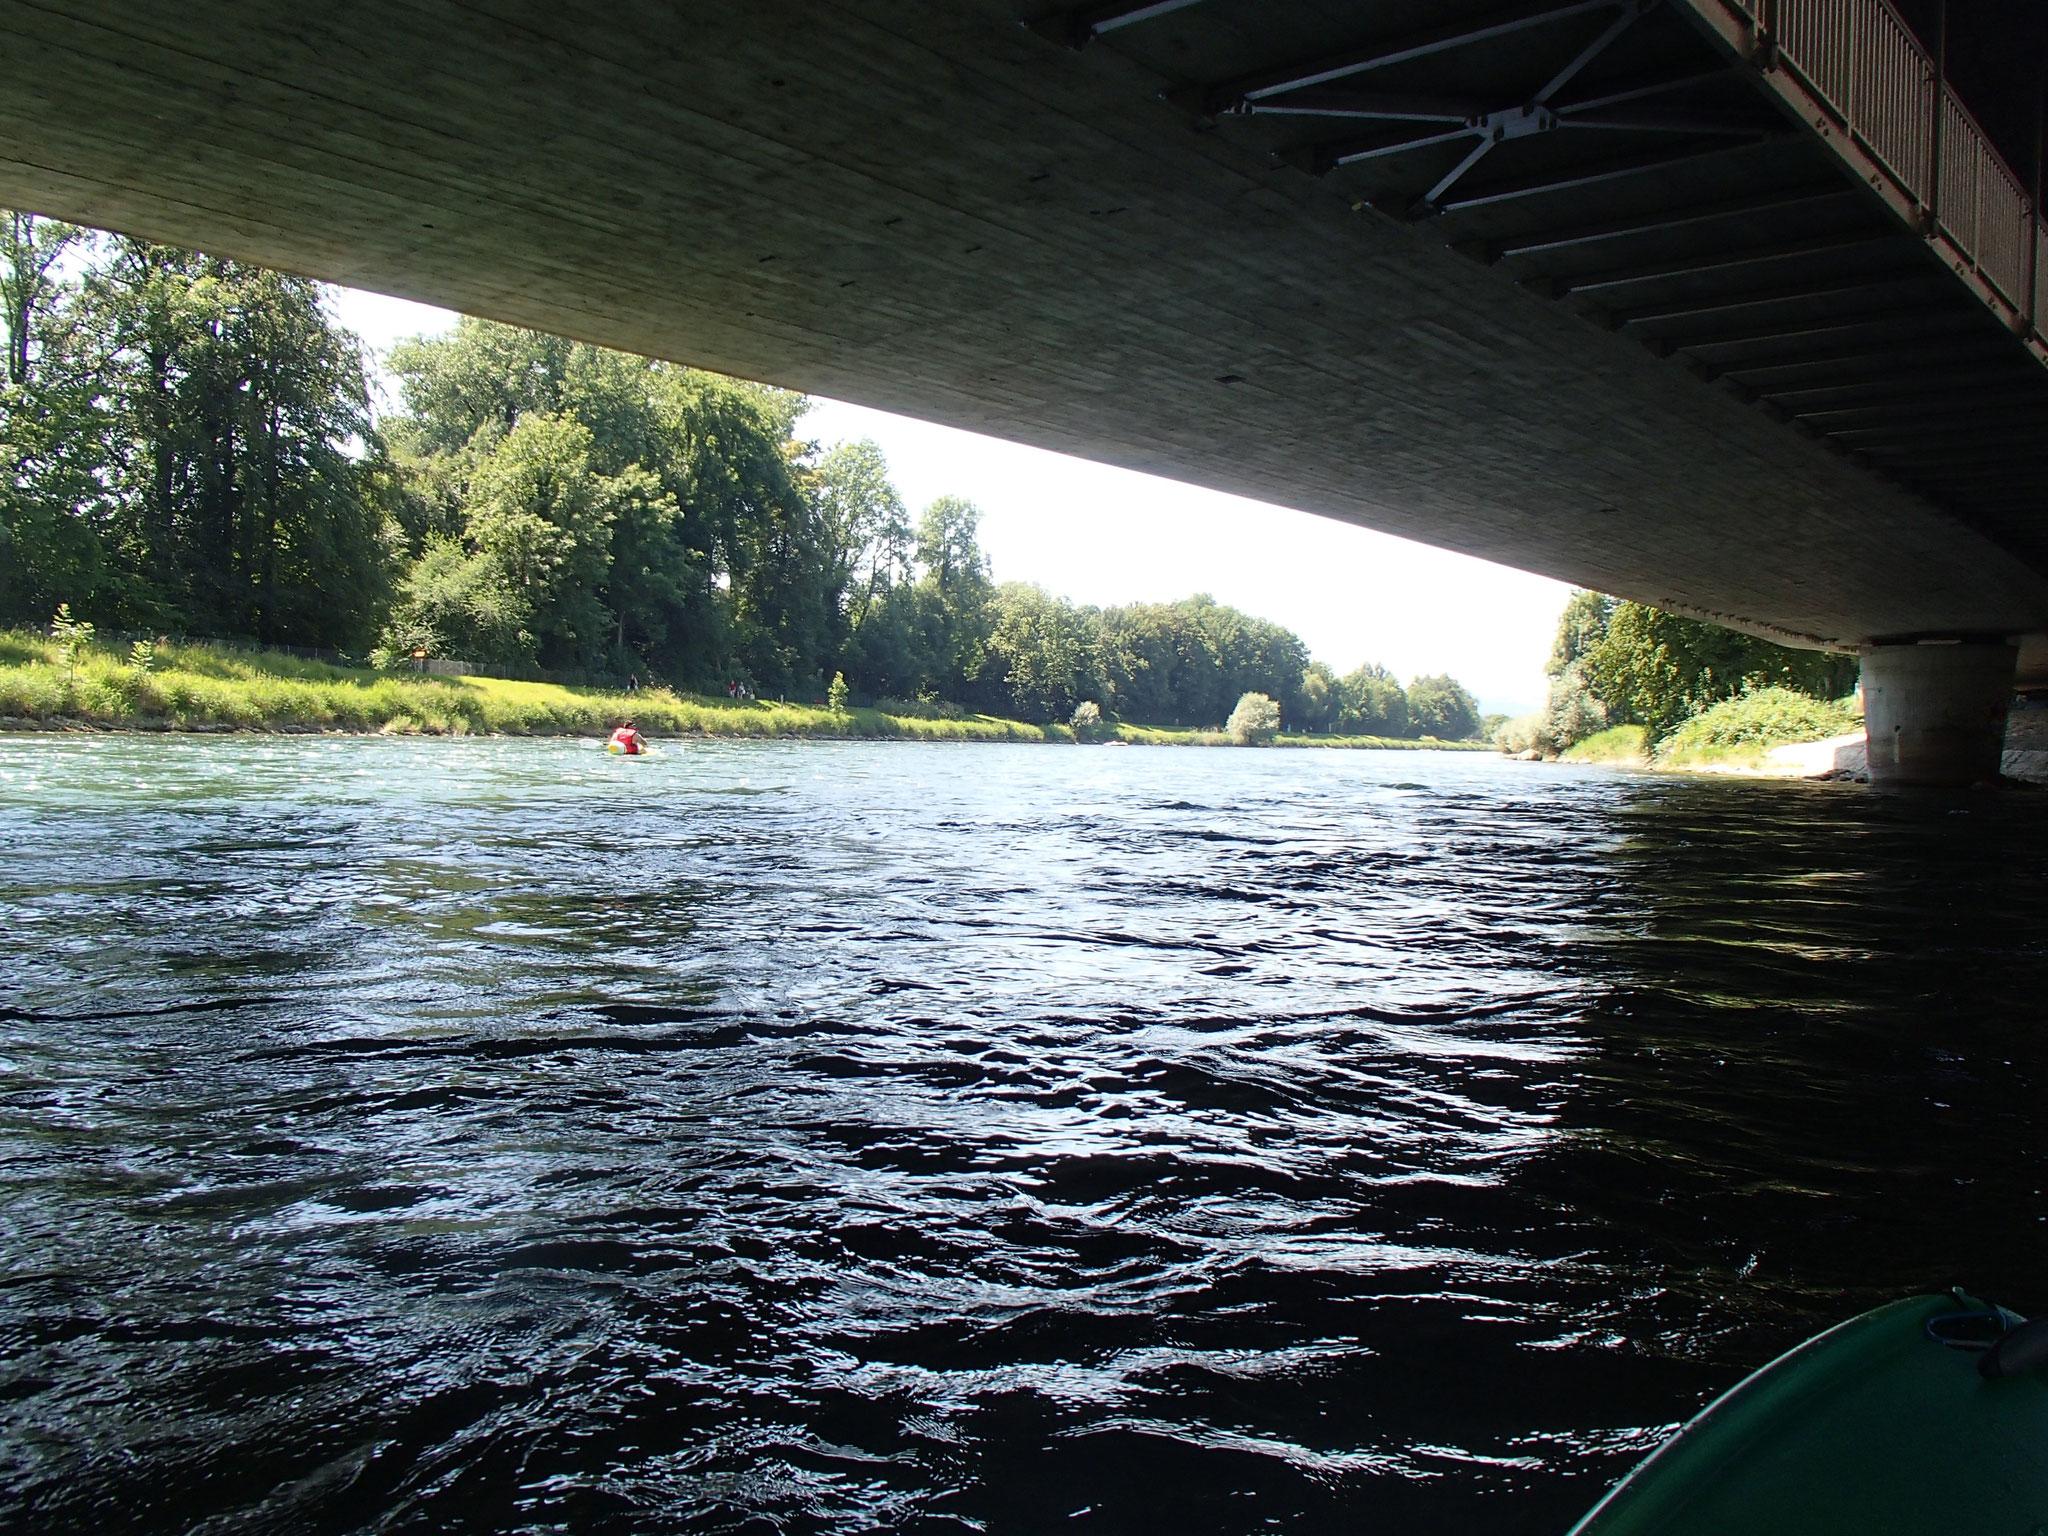 mit dem Kajak unter Brücken bieten neue Perspektiven